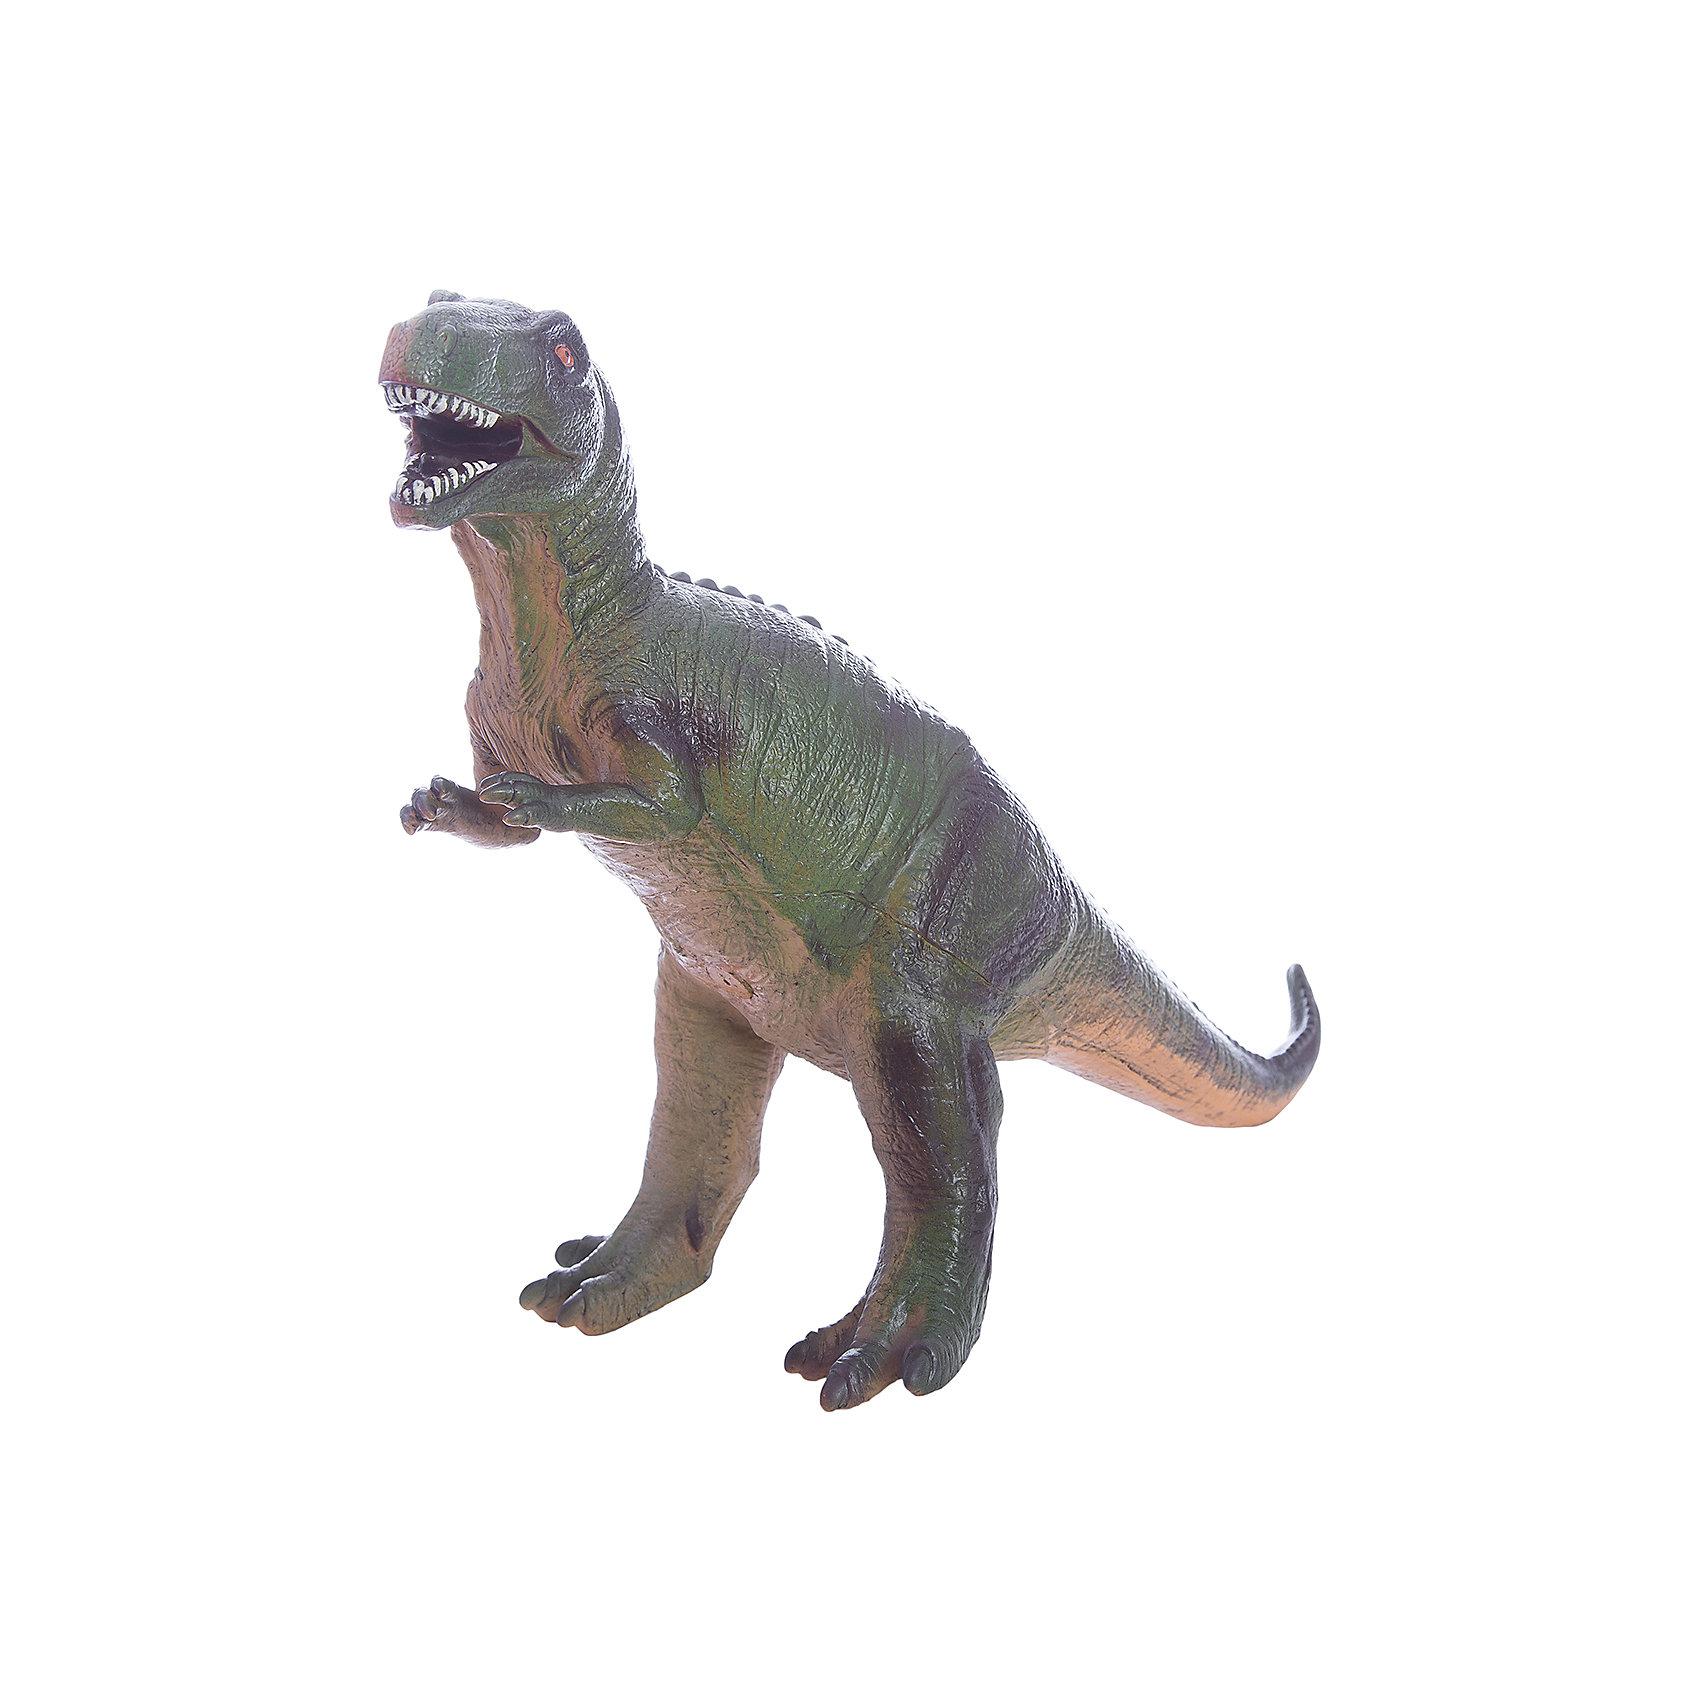 Фигурка динозавра Мегалозавр, HGLДинозавры и драконы<br>Детей всех возрастов привлекают фильмы и рассказы о доисторических временах и чудесных динозаврах, населявших Землю до возникновения человека. Подстегните фантазию юного любителя древностей - подарите ему динозавра из серии игрушек HGL. Специалисты компании создавали игрушки максимально похожими на своих прародителей, поэтому динозавры HGL такие интересные. Мегалозавр - фигурка огромного доисторического ящера. Он достигал в длину 9 метров, обладал огромной челюстью и по мнению ученых, питался другими динозаврами. Мегалозавр был очень быстрым, благодаря тому, что легко передвигался на задних мощных лапах. Он был одним из самых опасных хищников, населявших Землю более 170 миллионов лет тому назад. Ни одна история об эре динозавров невозможна без этого свирепого хищника. Ребенок будет в восторге от такого замечательного подарка. Массивный динозавр сделан из мягкого ПВХ безопасного для ребенка. Внушительные размеры и отличная детализация Мегалозавра помогут ребенку окунуться в далекий и такой манящий доисторический мир, полный приключений.<br><br>Дополнительная информация:<br><br>- Внешний вид фигурки основан на реальных данных палеонтологов;<br>- Материал: ПВХ;<br>- Размер фигурки: 40 см;<br>- Размер упаковки: 35 х 29 х 17 см;<br>- Вес: 750 г<br><br>Фигурку динозавра Мегалозавр, HGL можно купить в нашем интернет-магазине.<br><br>Ширина мм: 350<br>Глубина мм: 290<br>Высота мм: 170<br>Вес г: 750<br>Возраст от месяцев: 36<br>Возраст до месяцев: 192<br>Пол: Унисекс<br>Возраст: Детский<br>SKU: 4135940